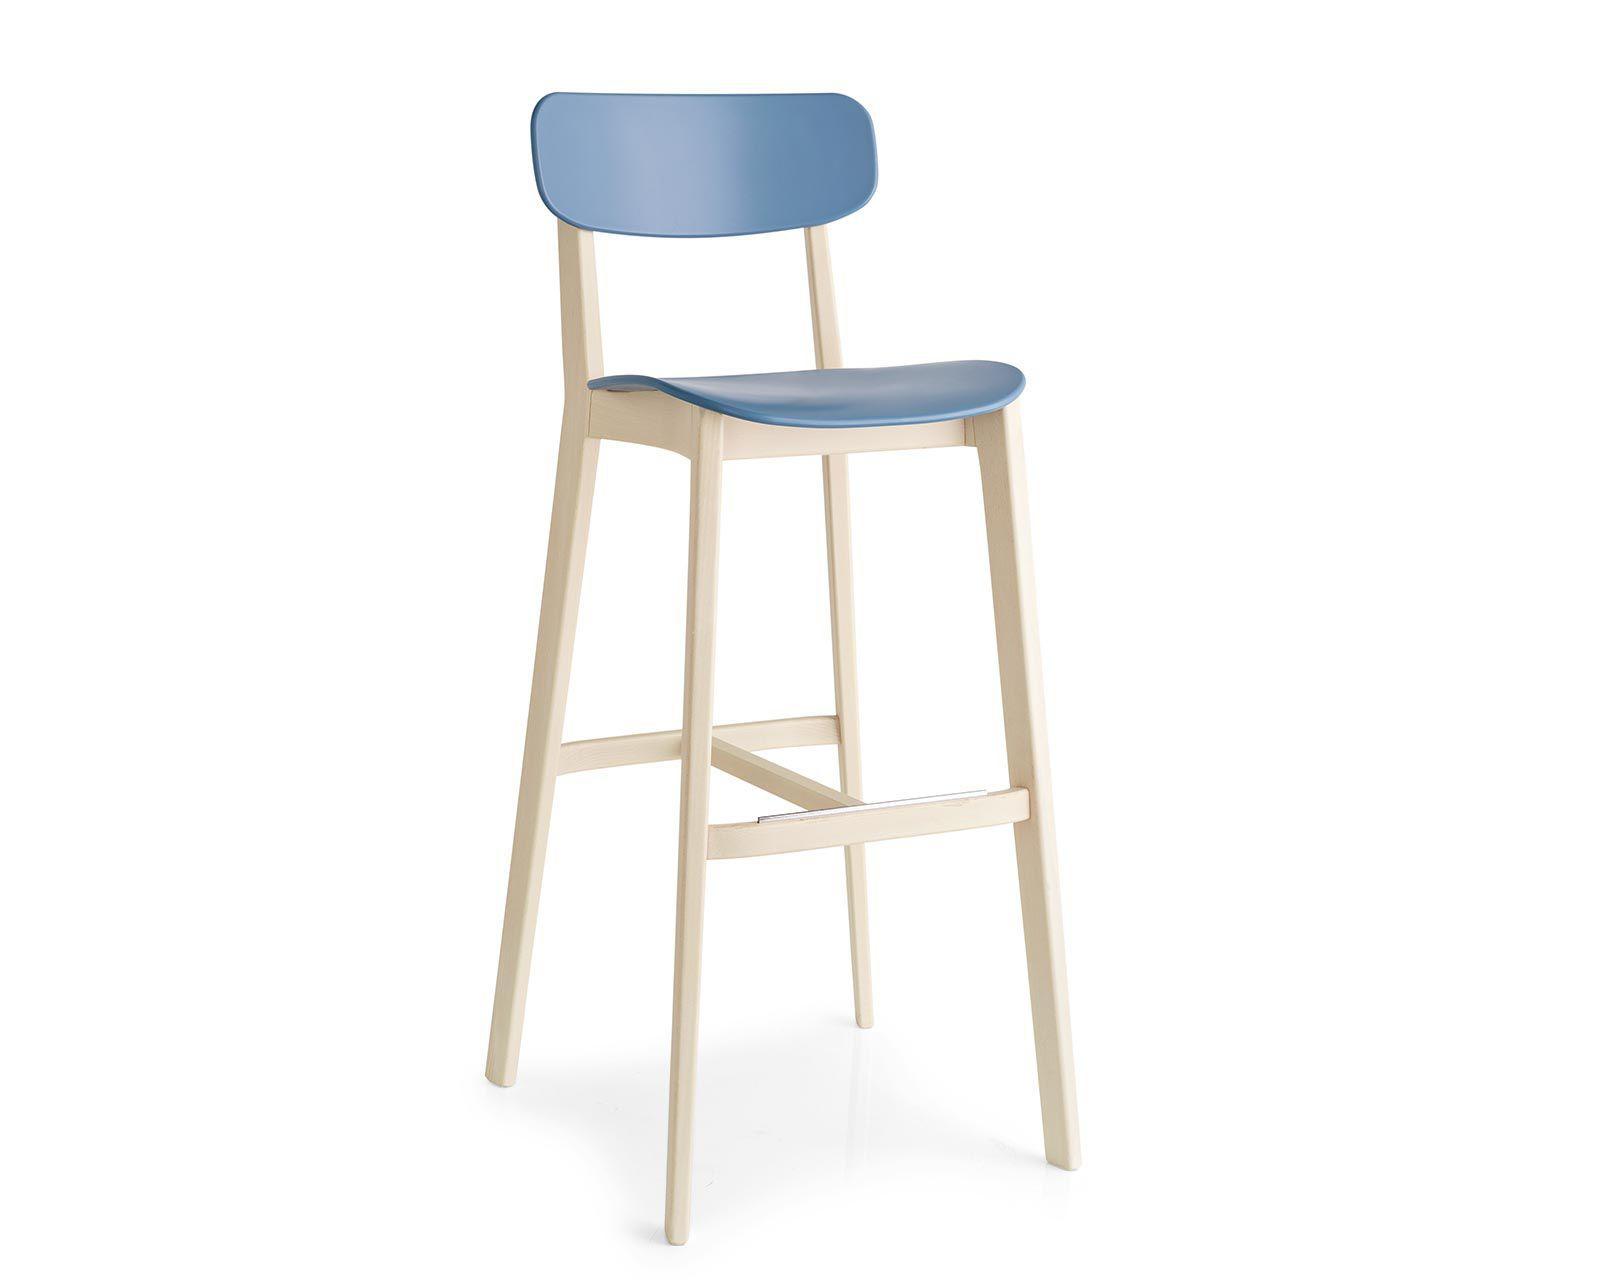 Sedia alta moderna con poggiapiedi in legno in polipropilene